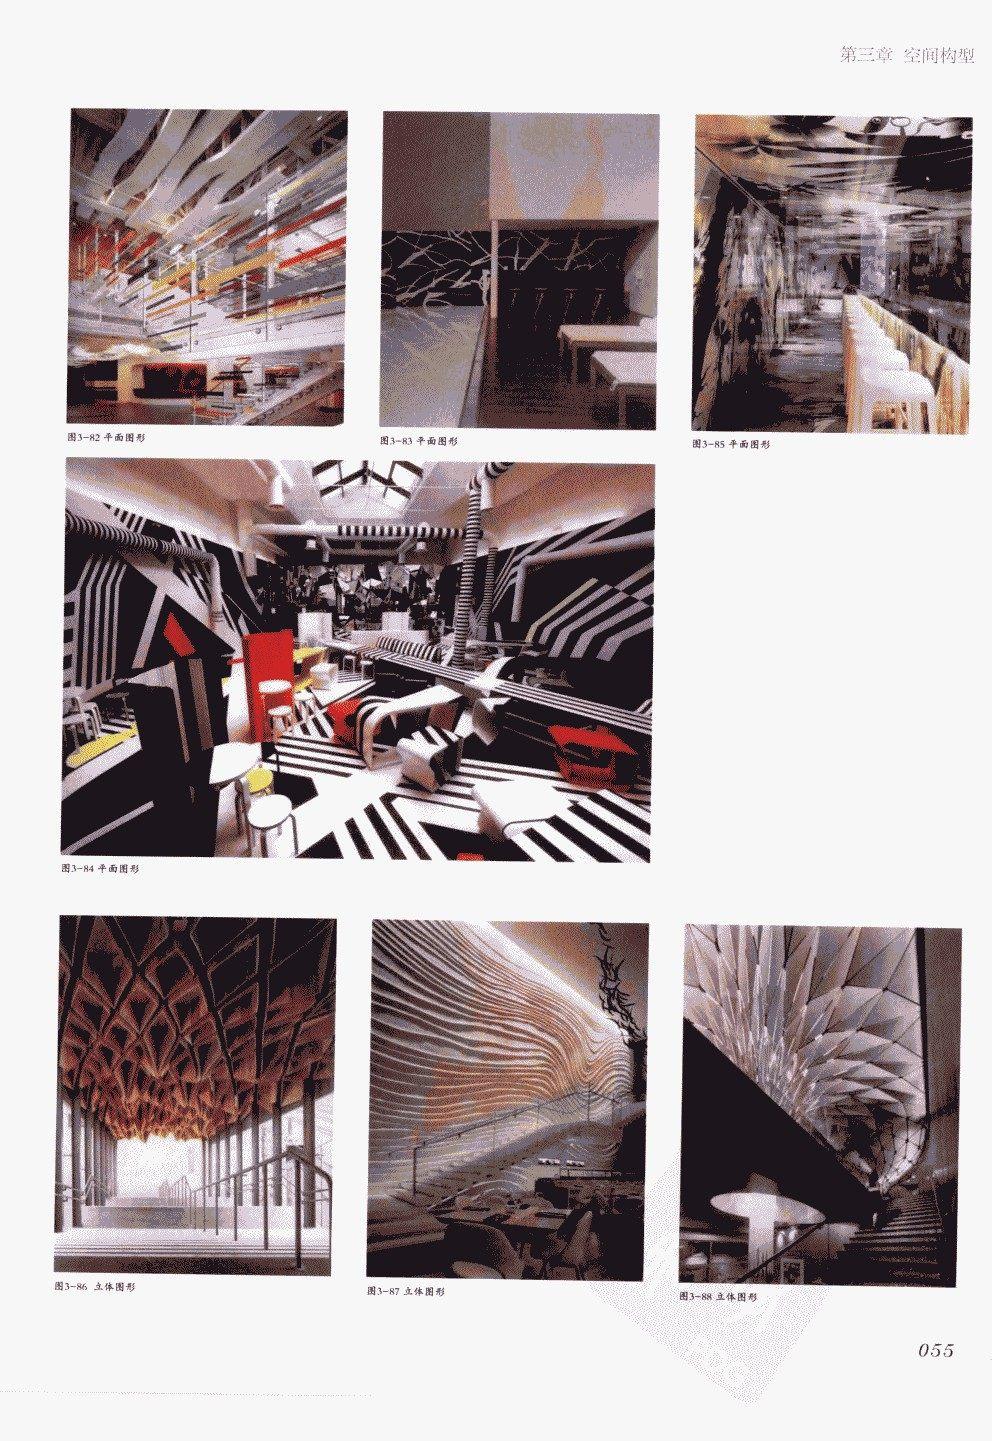 室内设计纲要++概念思考与过程表达_室内设计纲要  概念思考与过程表达_1297982..._页面_063.jpg